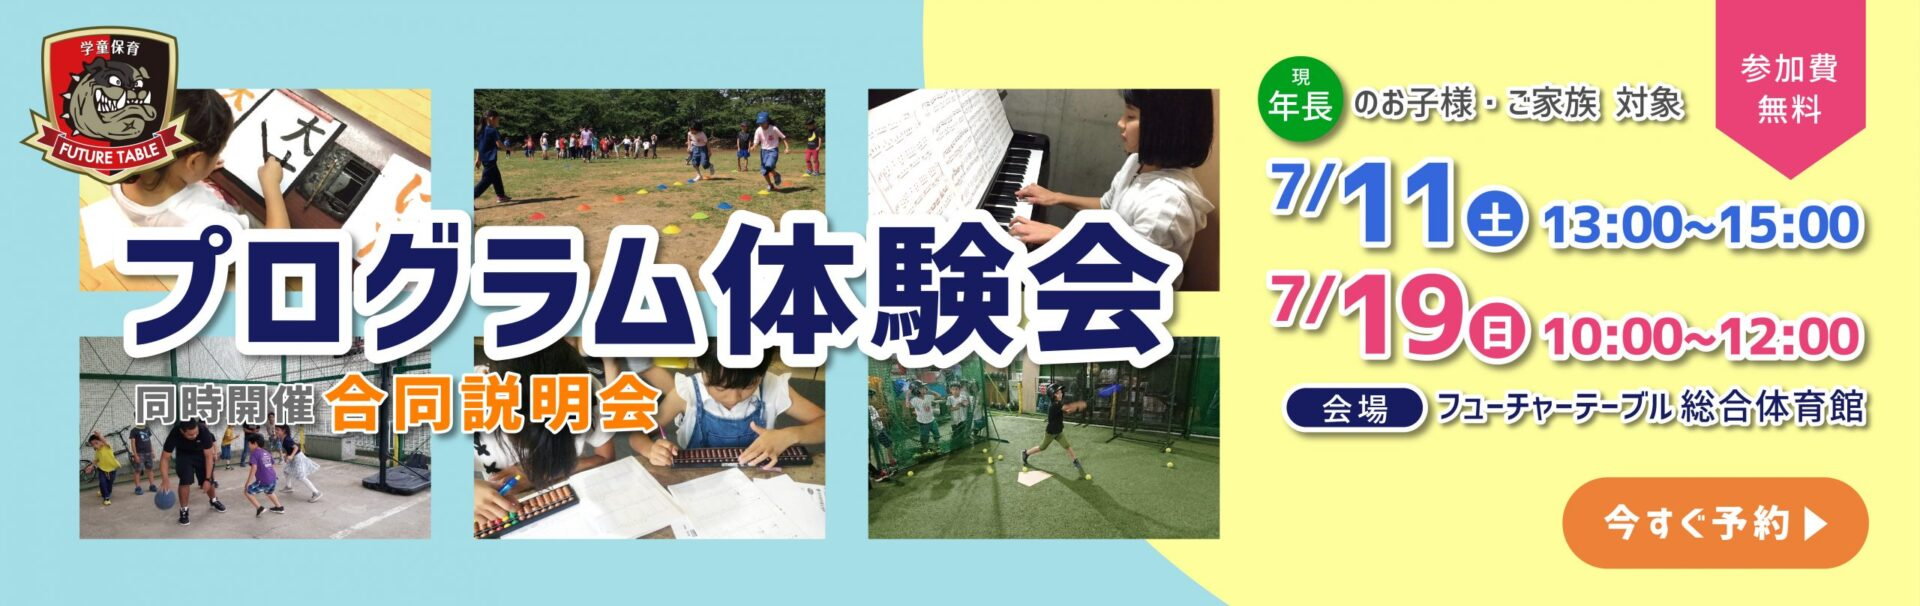 2020年7月 プログラム体験会